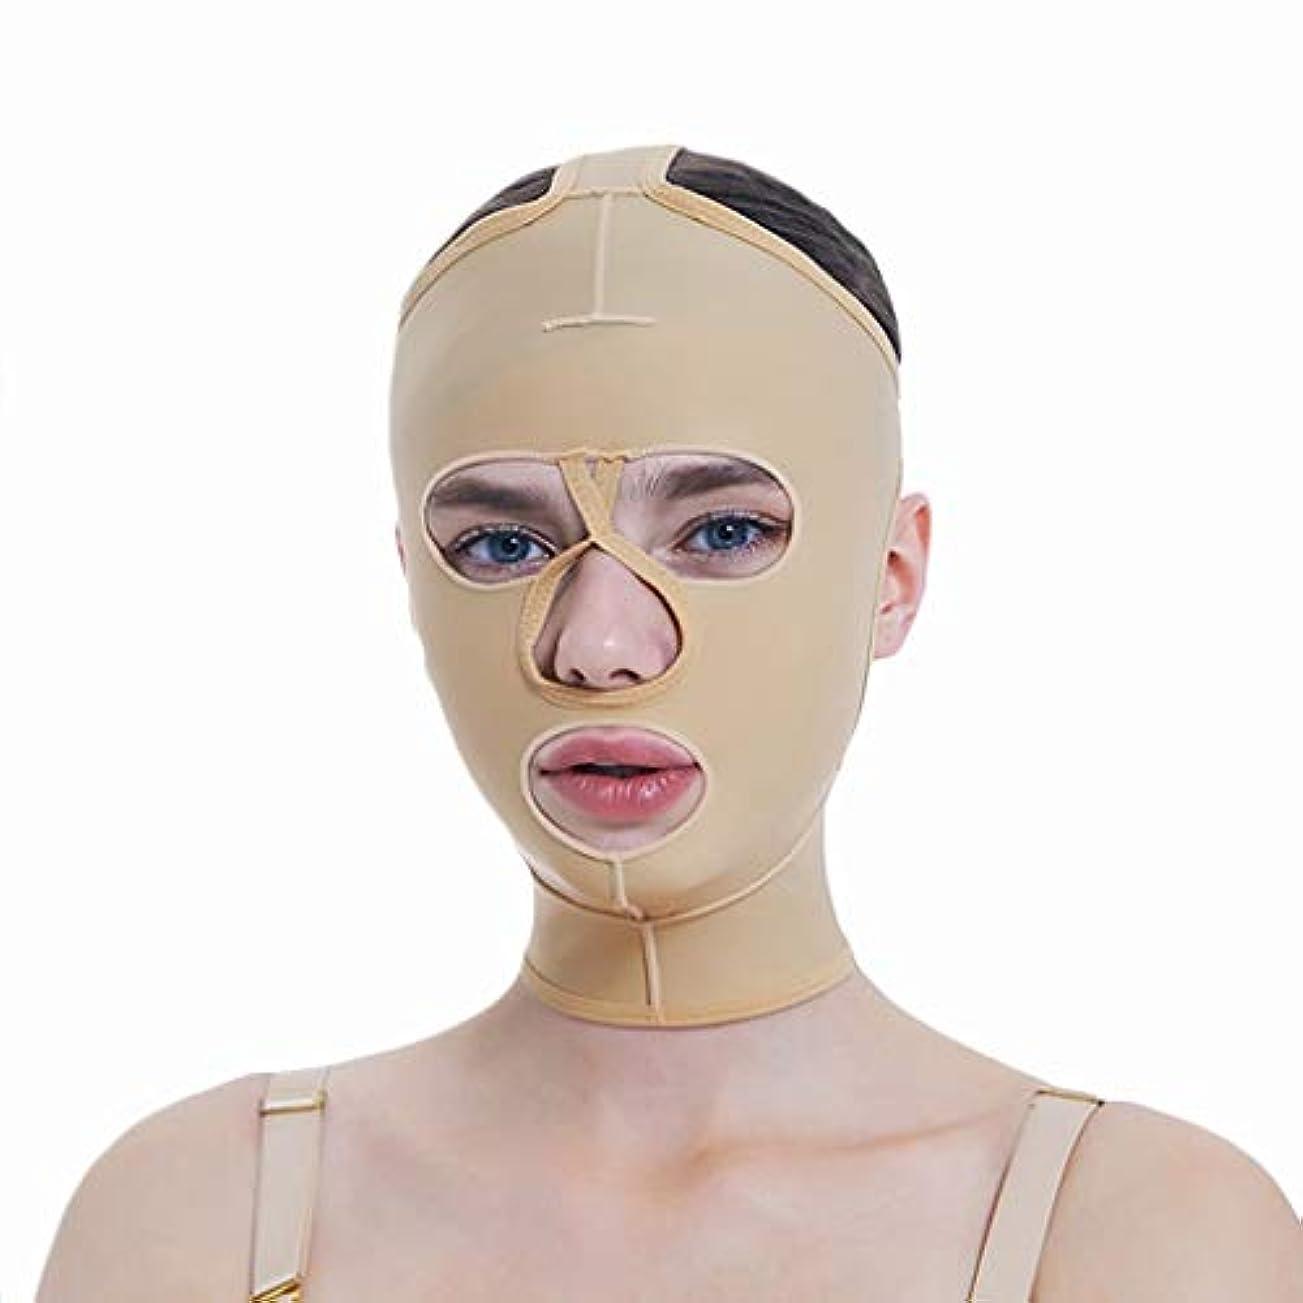 反応する識別哀顔の減量マスク、フルカバレッジ包帯、フルフェイスリフティングマスク、フェイスマスク、快適で通気性、リフティングシェーピング (Size : XL)